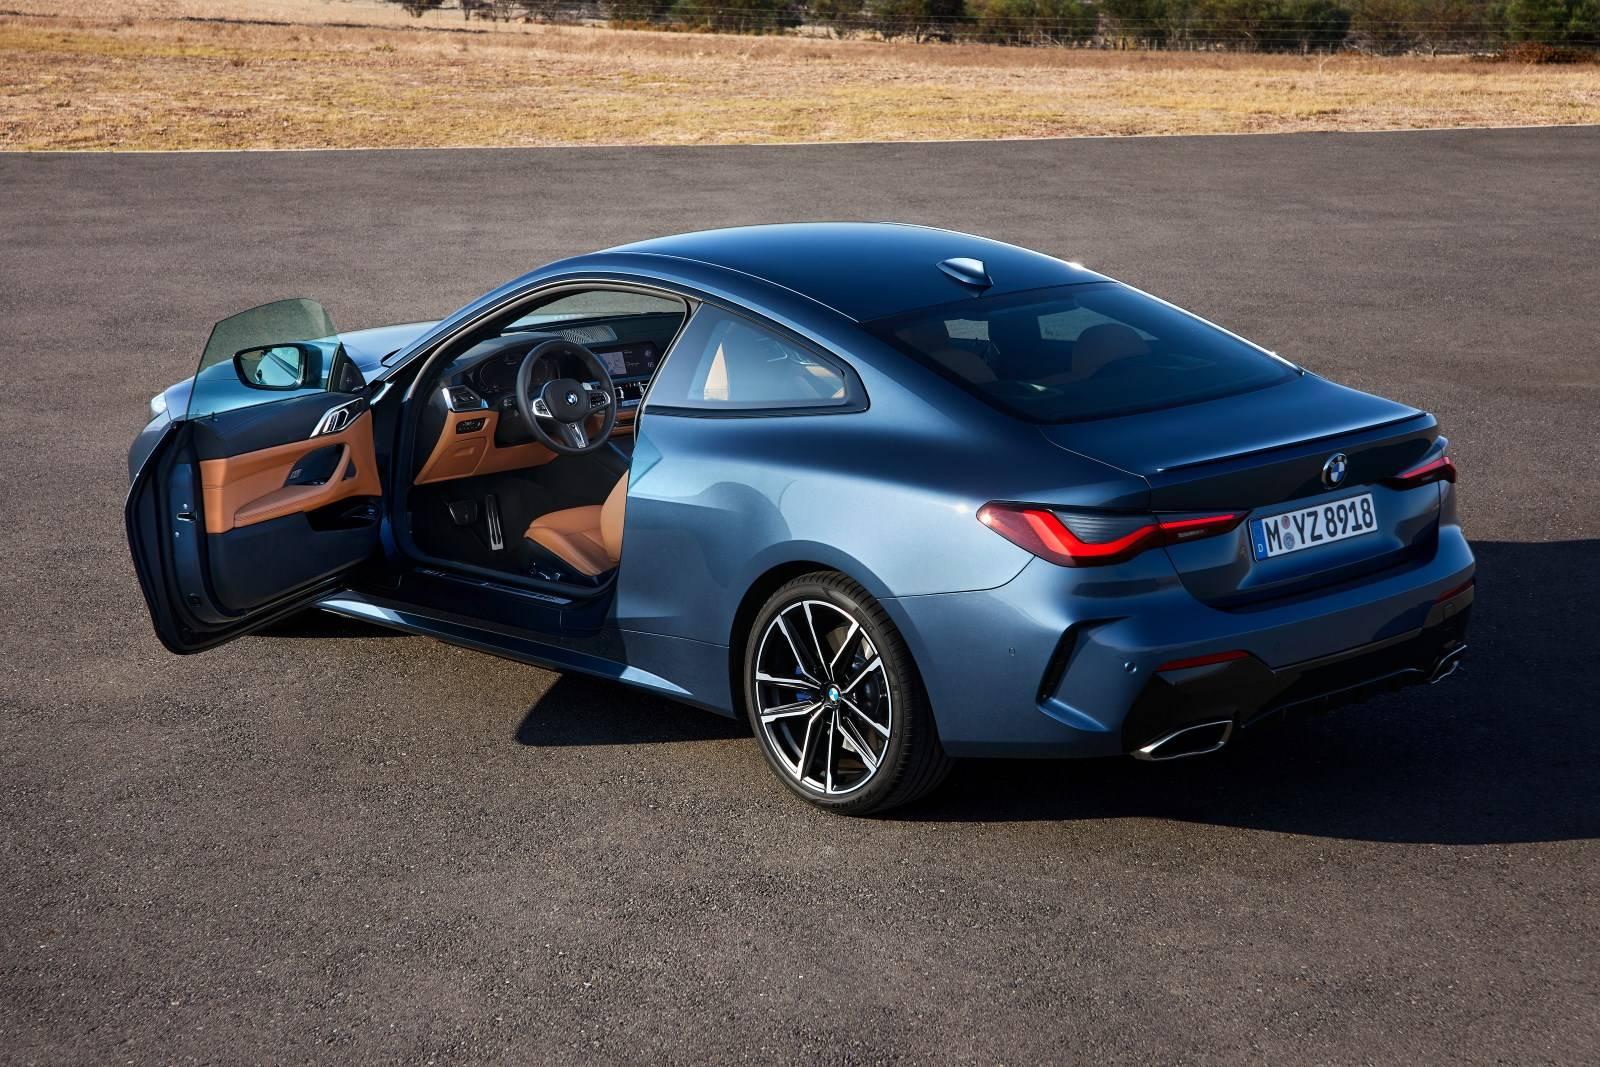 BMW 4 Series Coupe G22 - кардинально новый дизайн 7